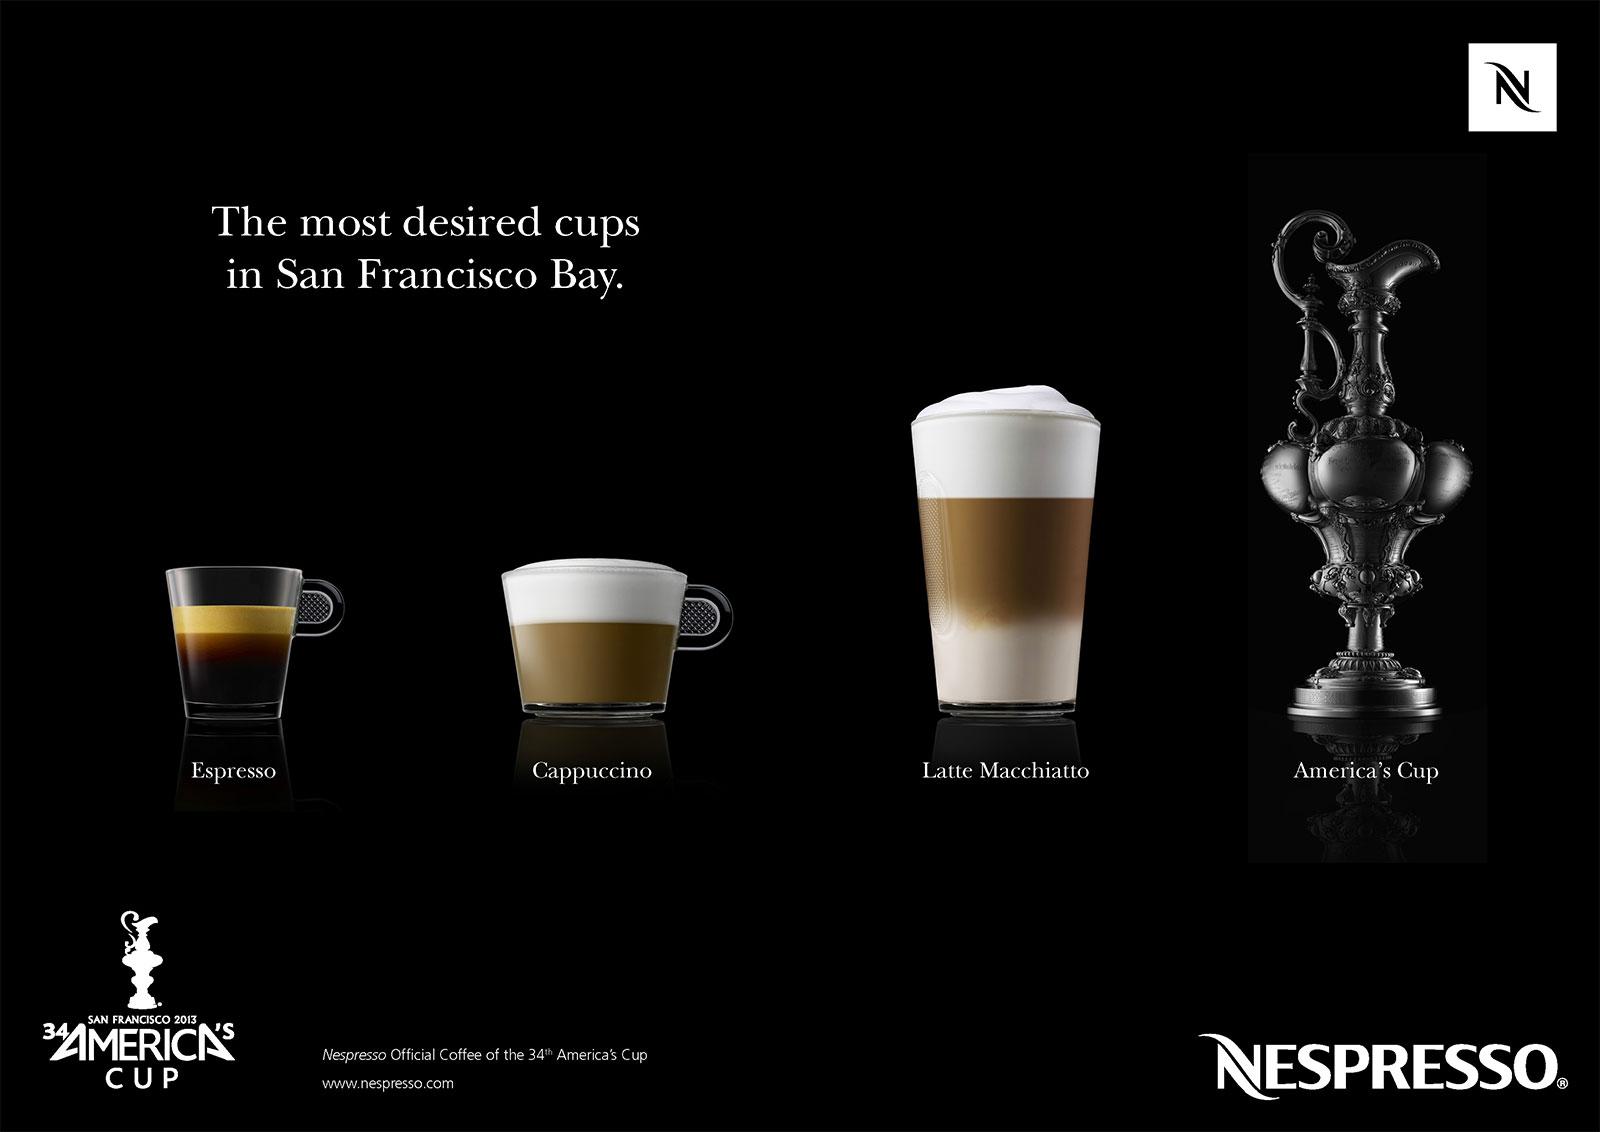 SquidsNetwork_creative_agency_Nespresso_AC_SanFranciscoBay_PrintAd